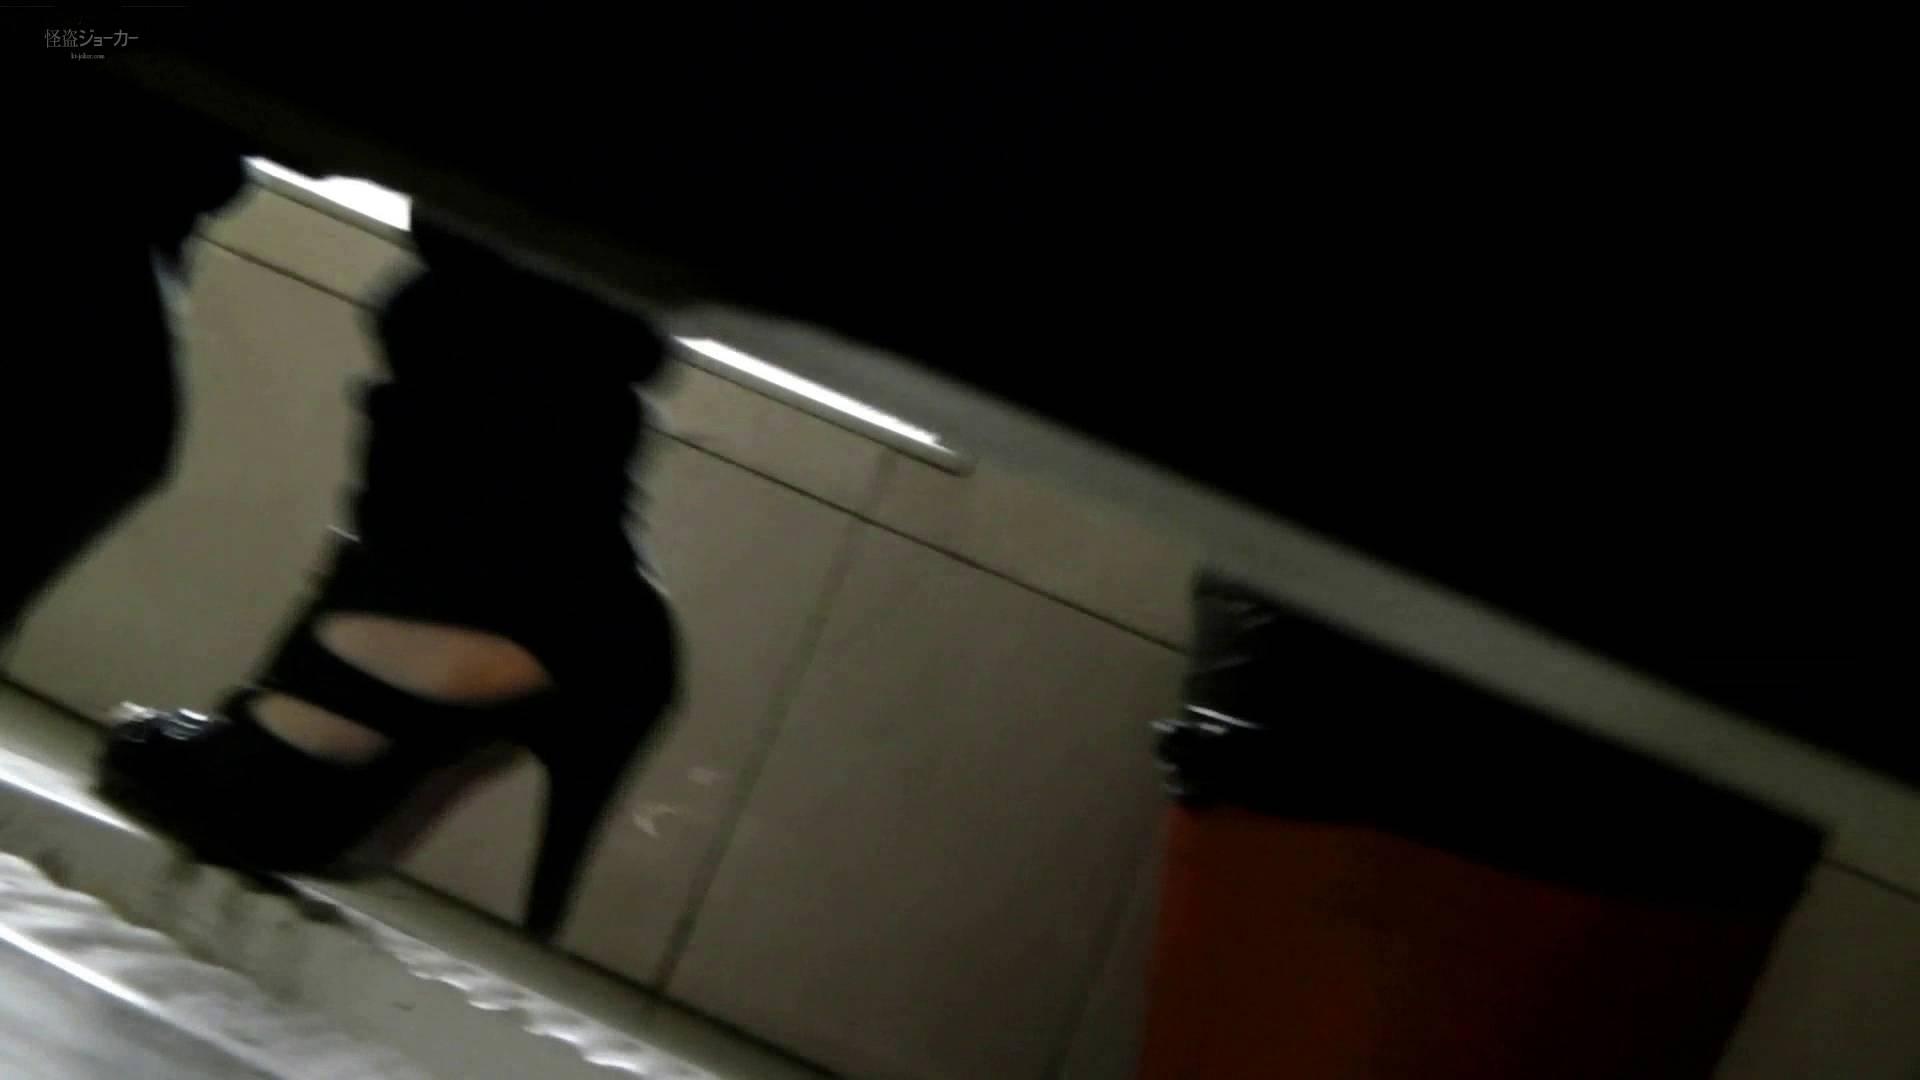 ステーション編 vol.25 必見桜庭みなみ?似 登場! エッチなお姉さん アダルト動画キャプチャ 87画像 3